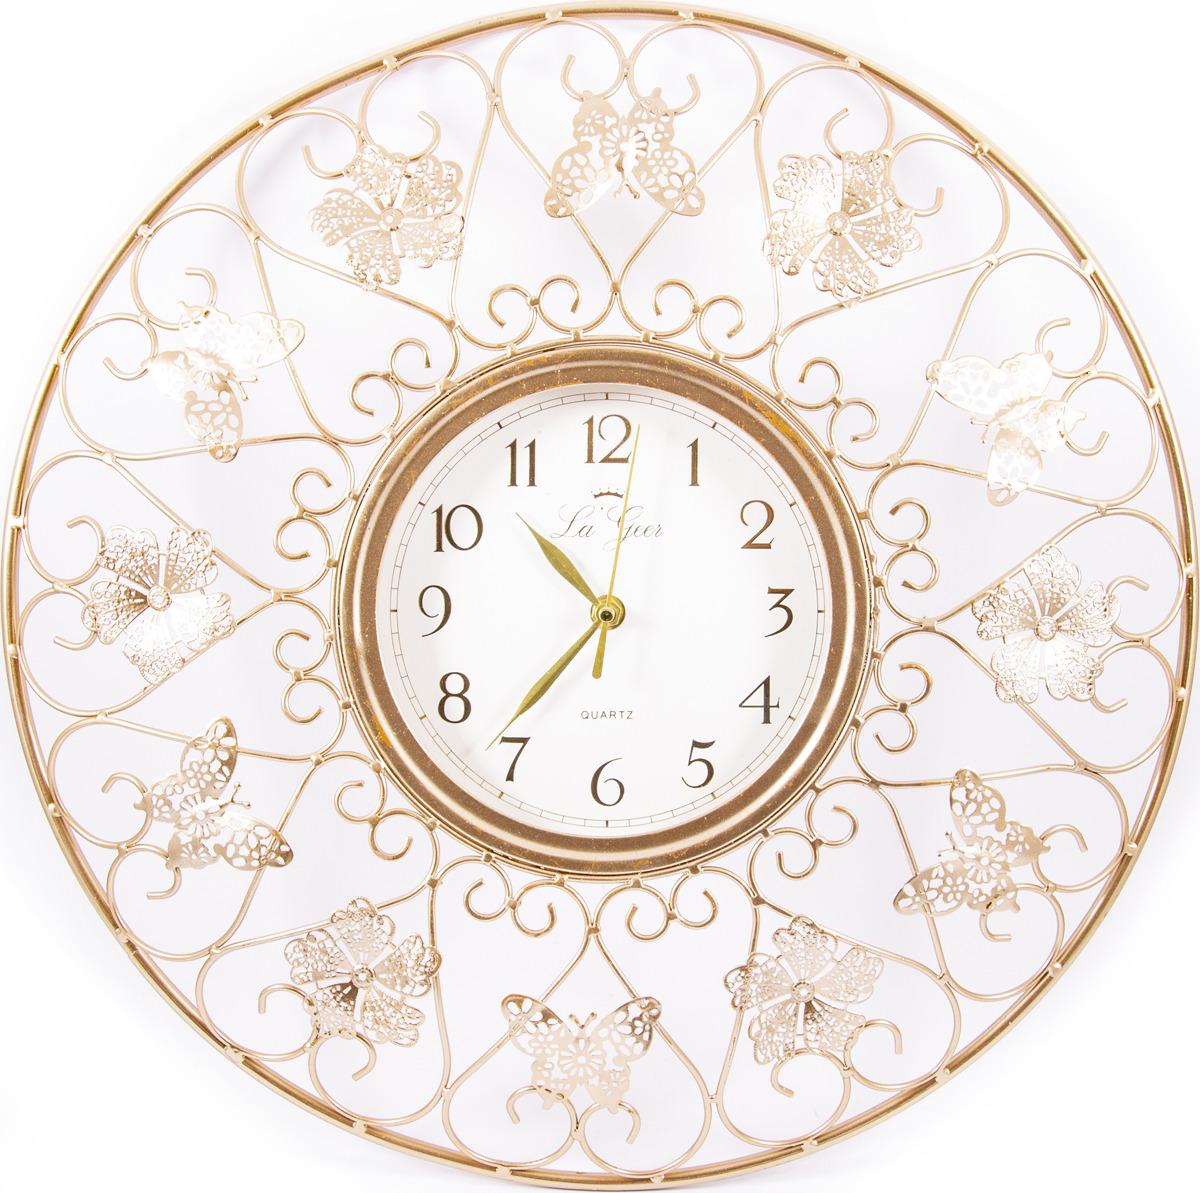 Часы настенные La Geer, 60804, разноцветный, 46 х 5 х 46 см все цены